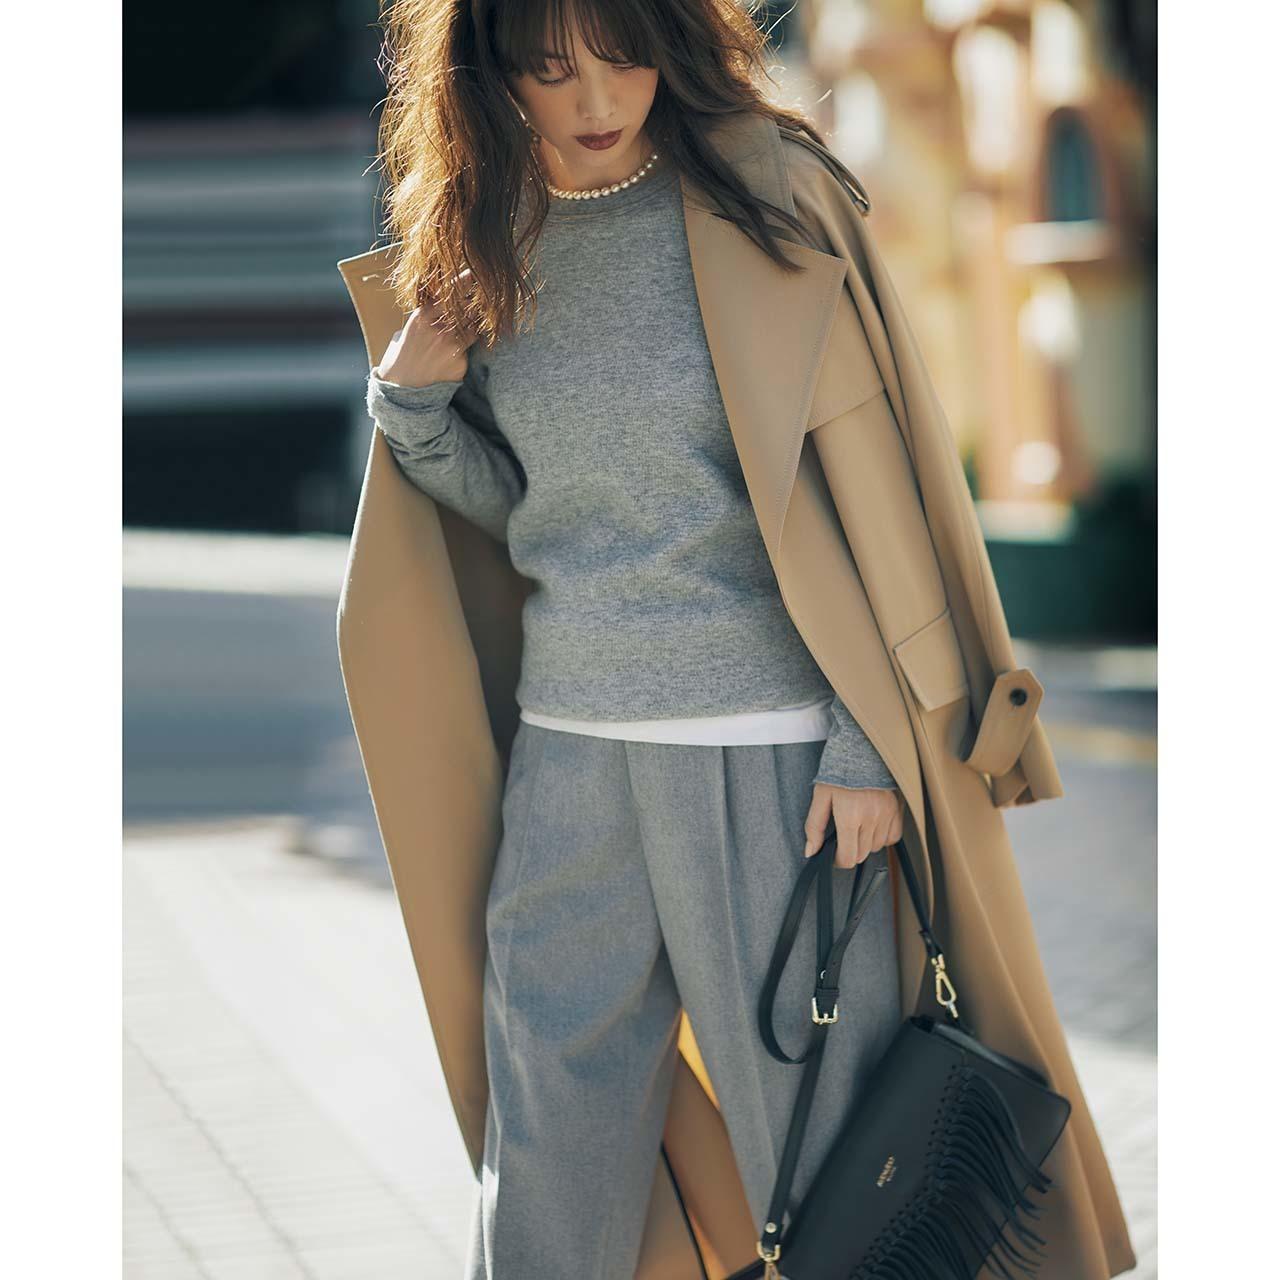 トレンチコート×パンツのファッションコーデ